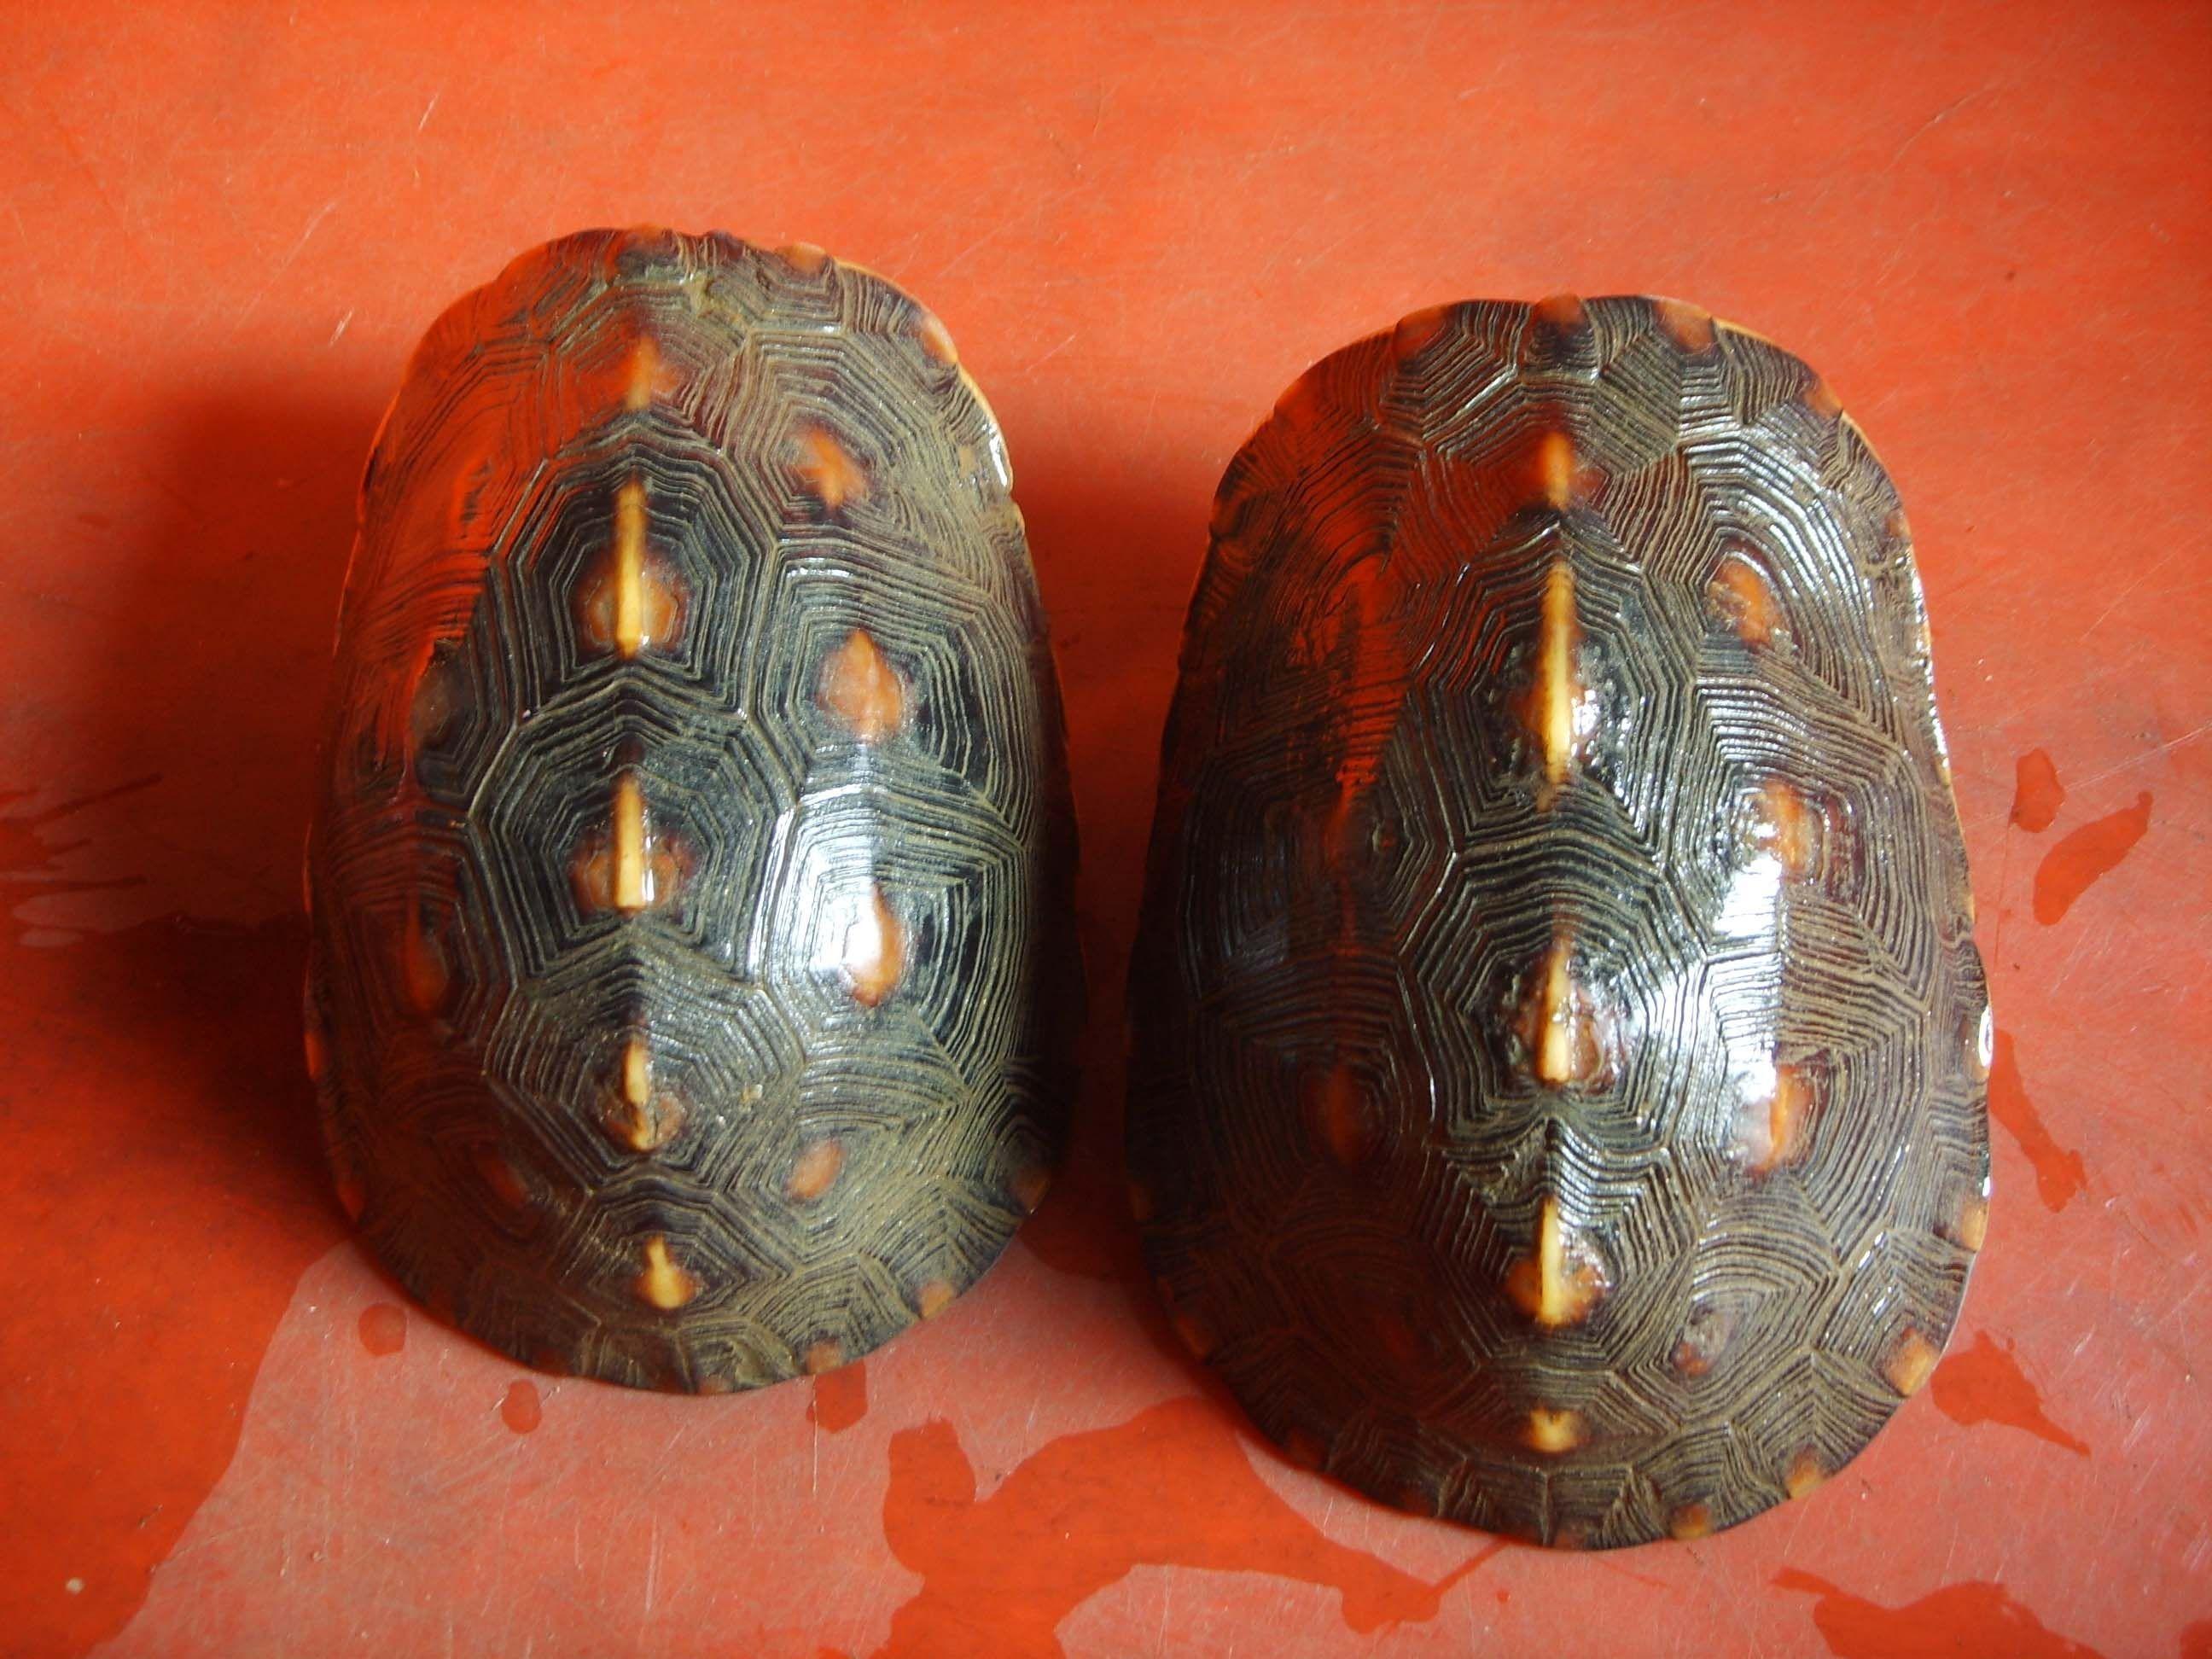 黄缘闭壳龟是保护动物吗